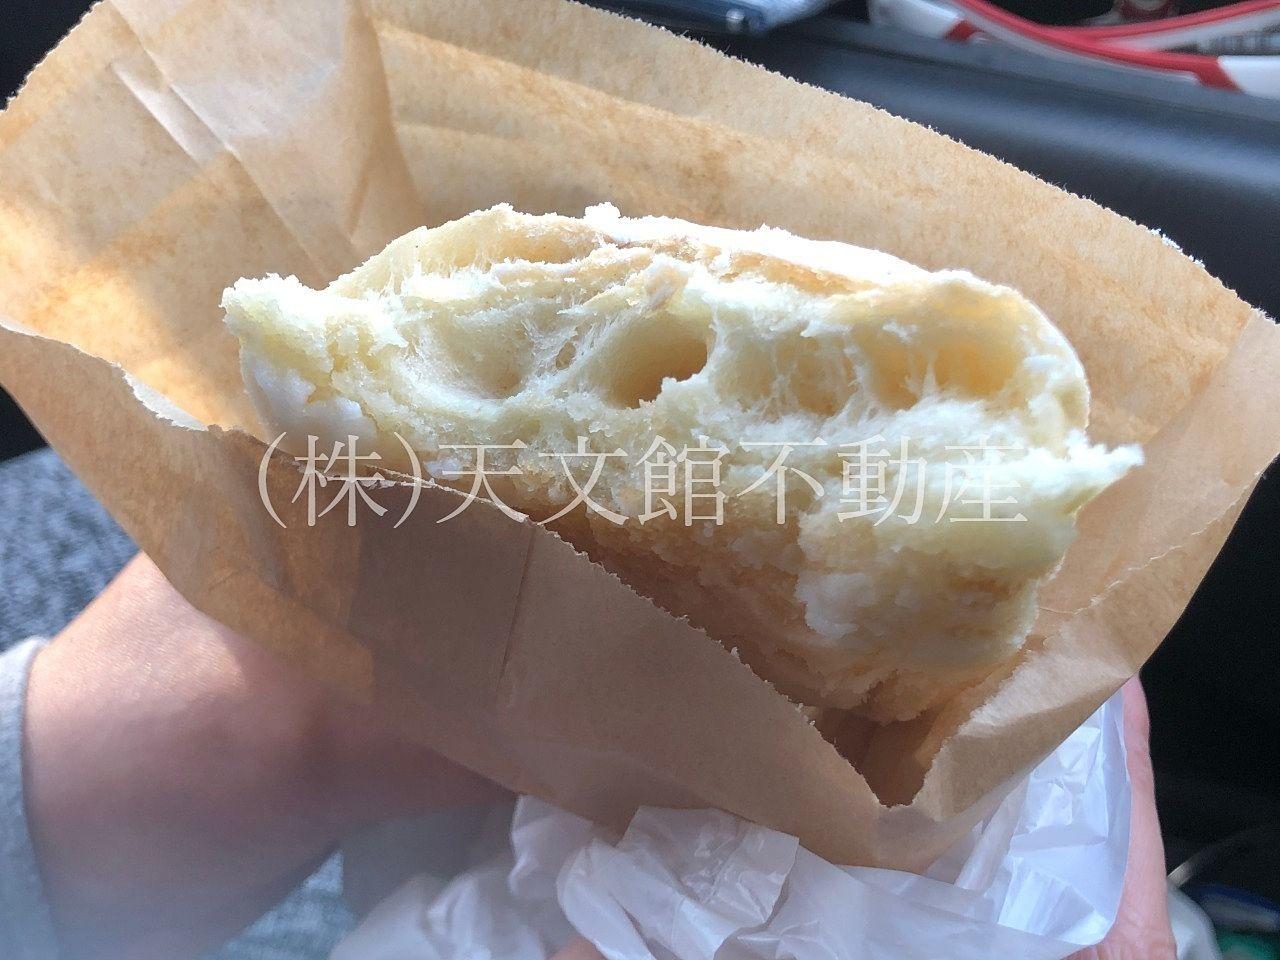 鹿児島市西千石町の清月ベーカリーのパン